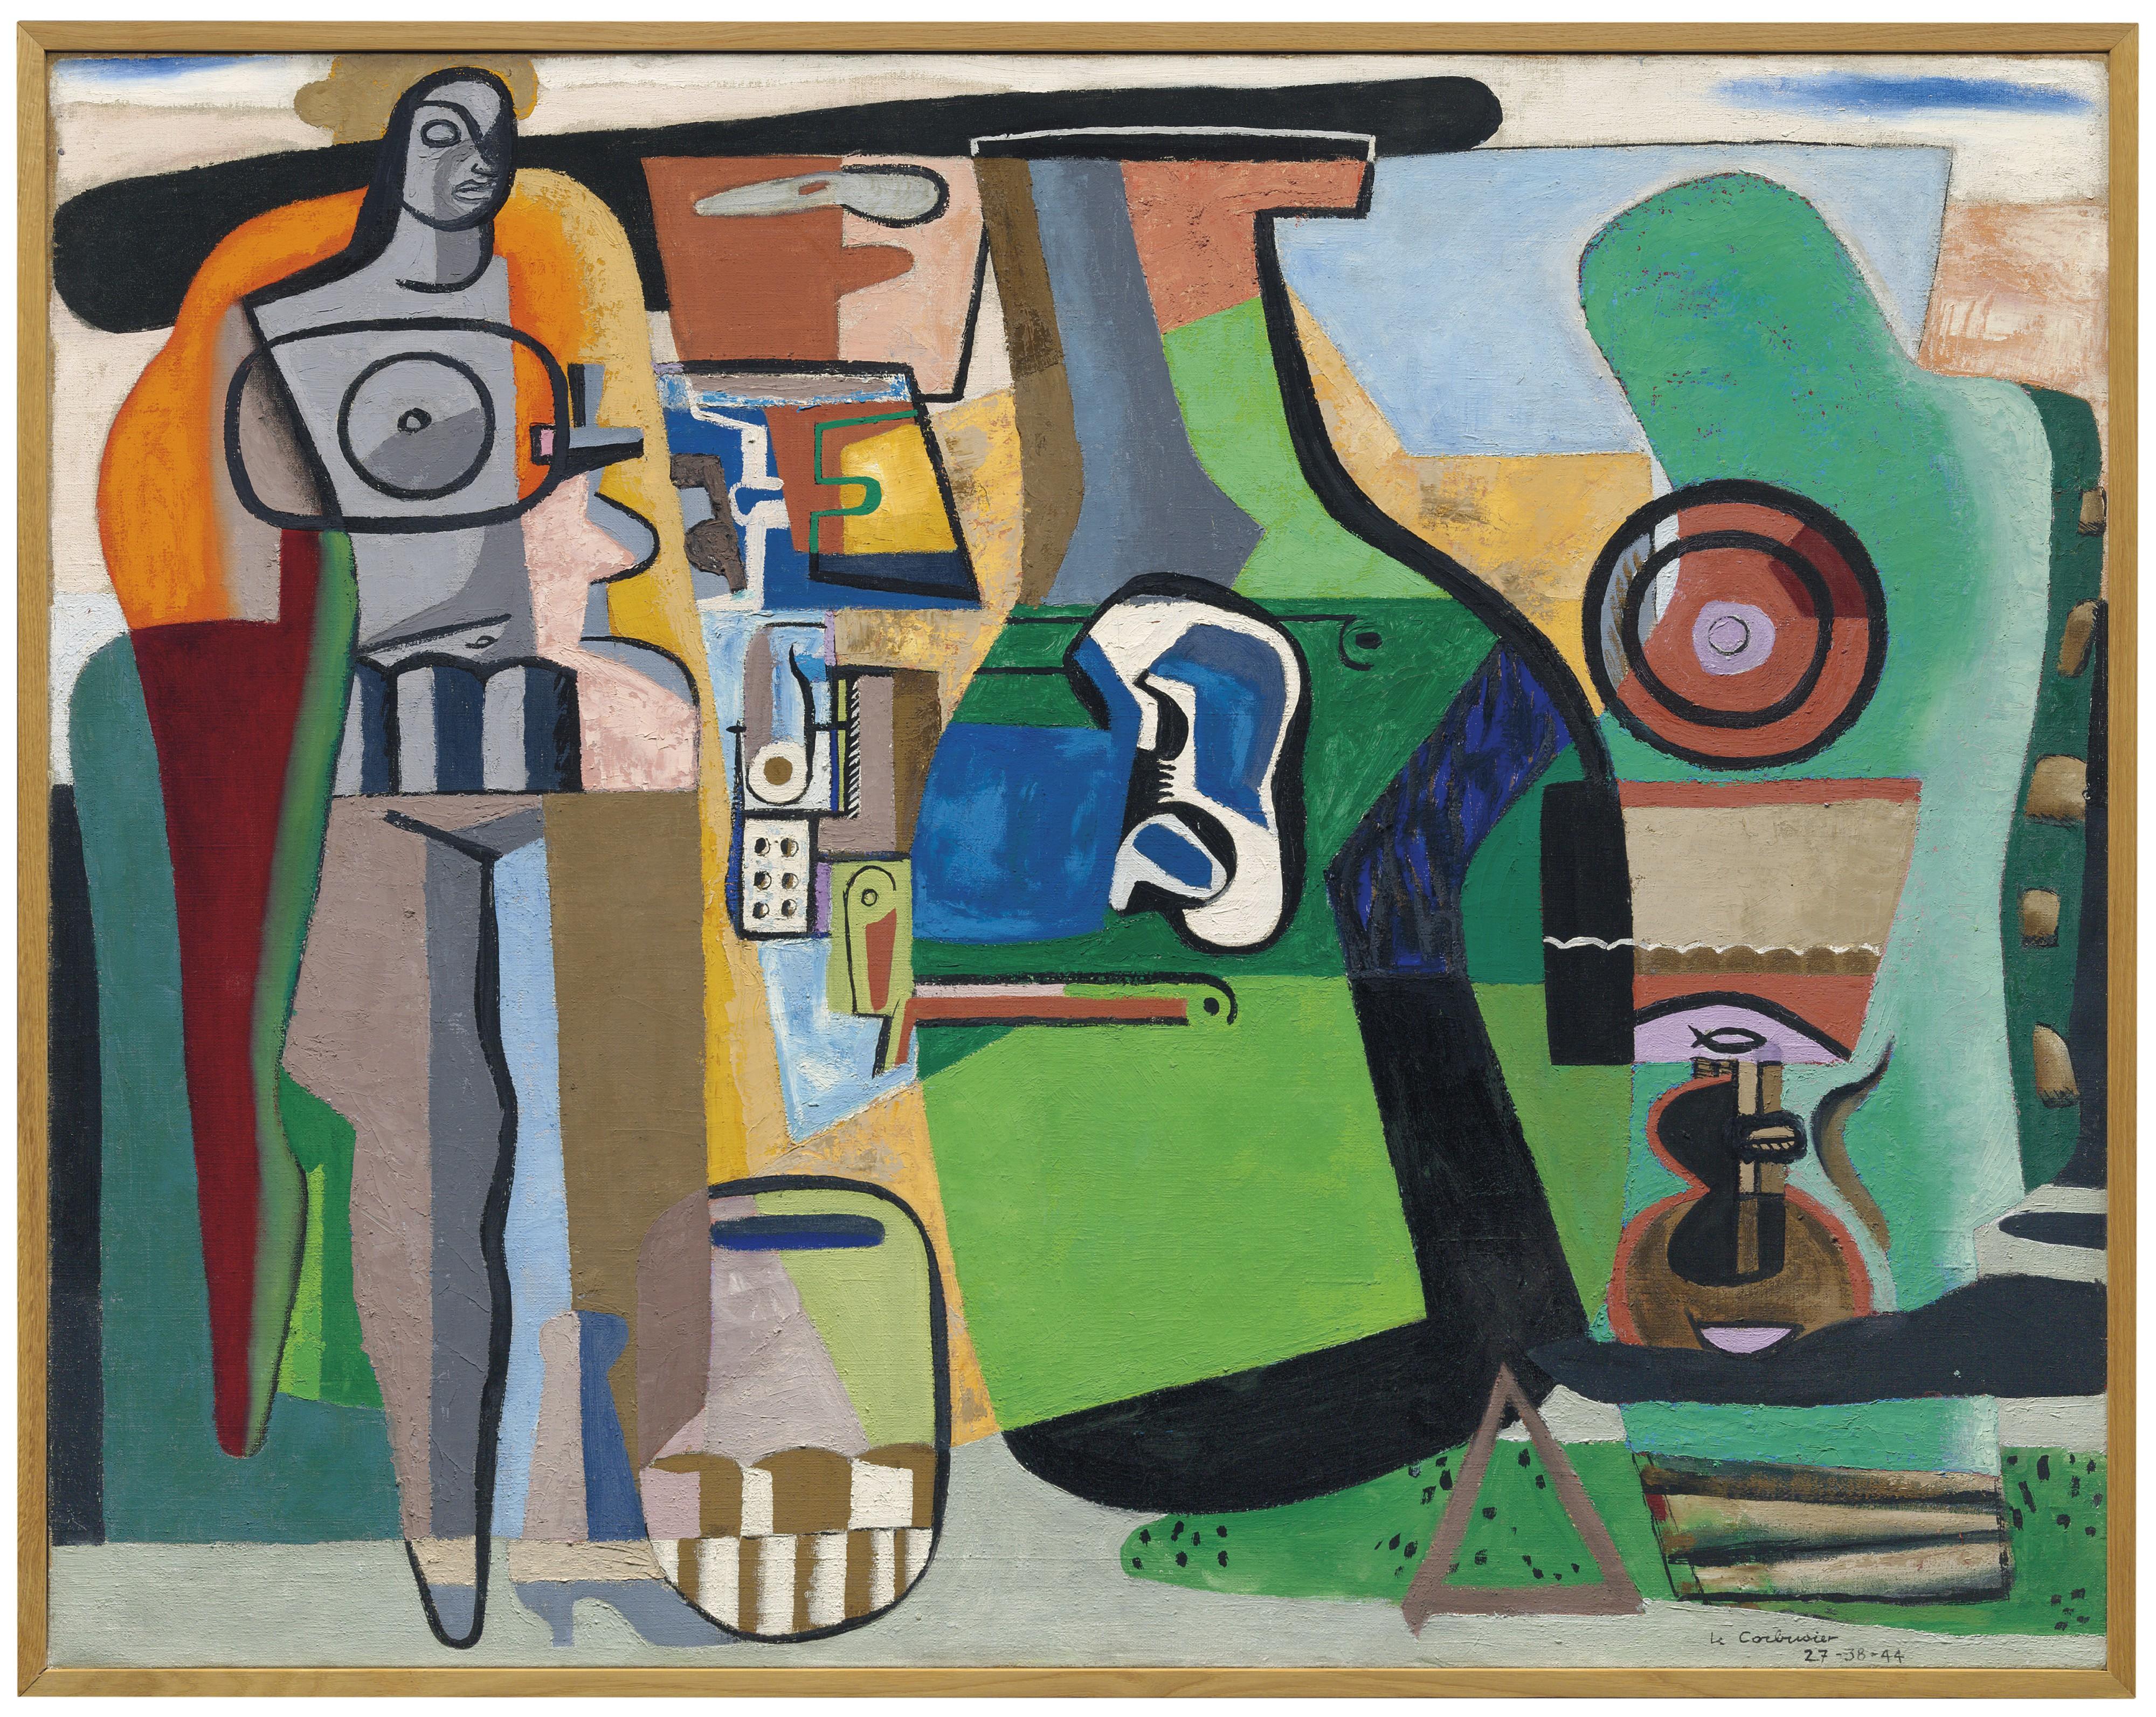 Le Corbusier, Nature Morte